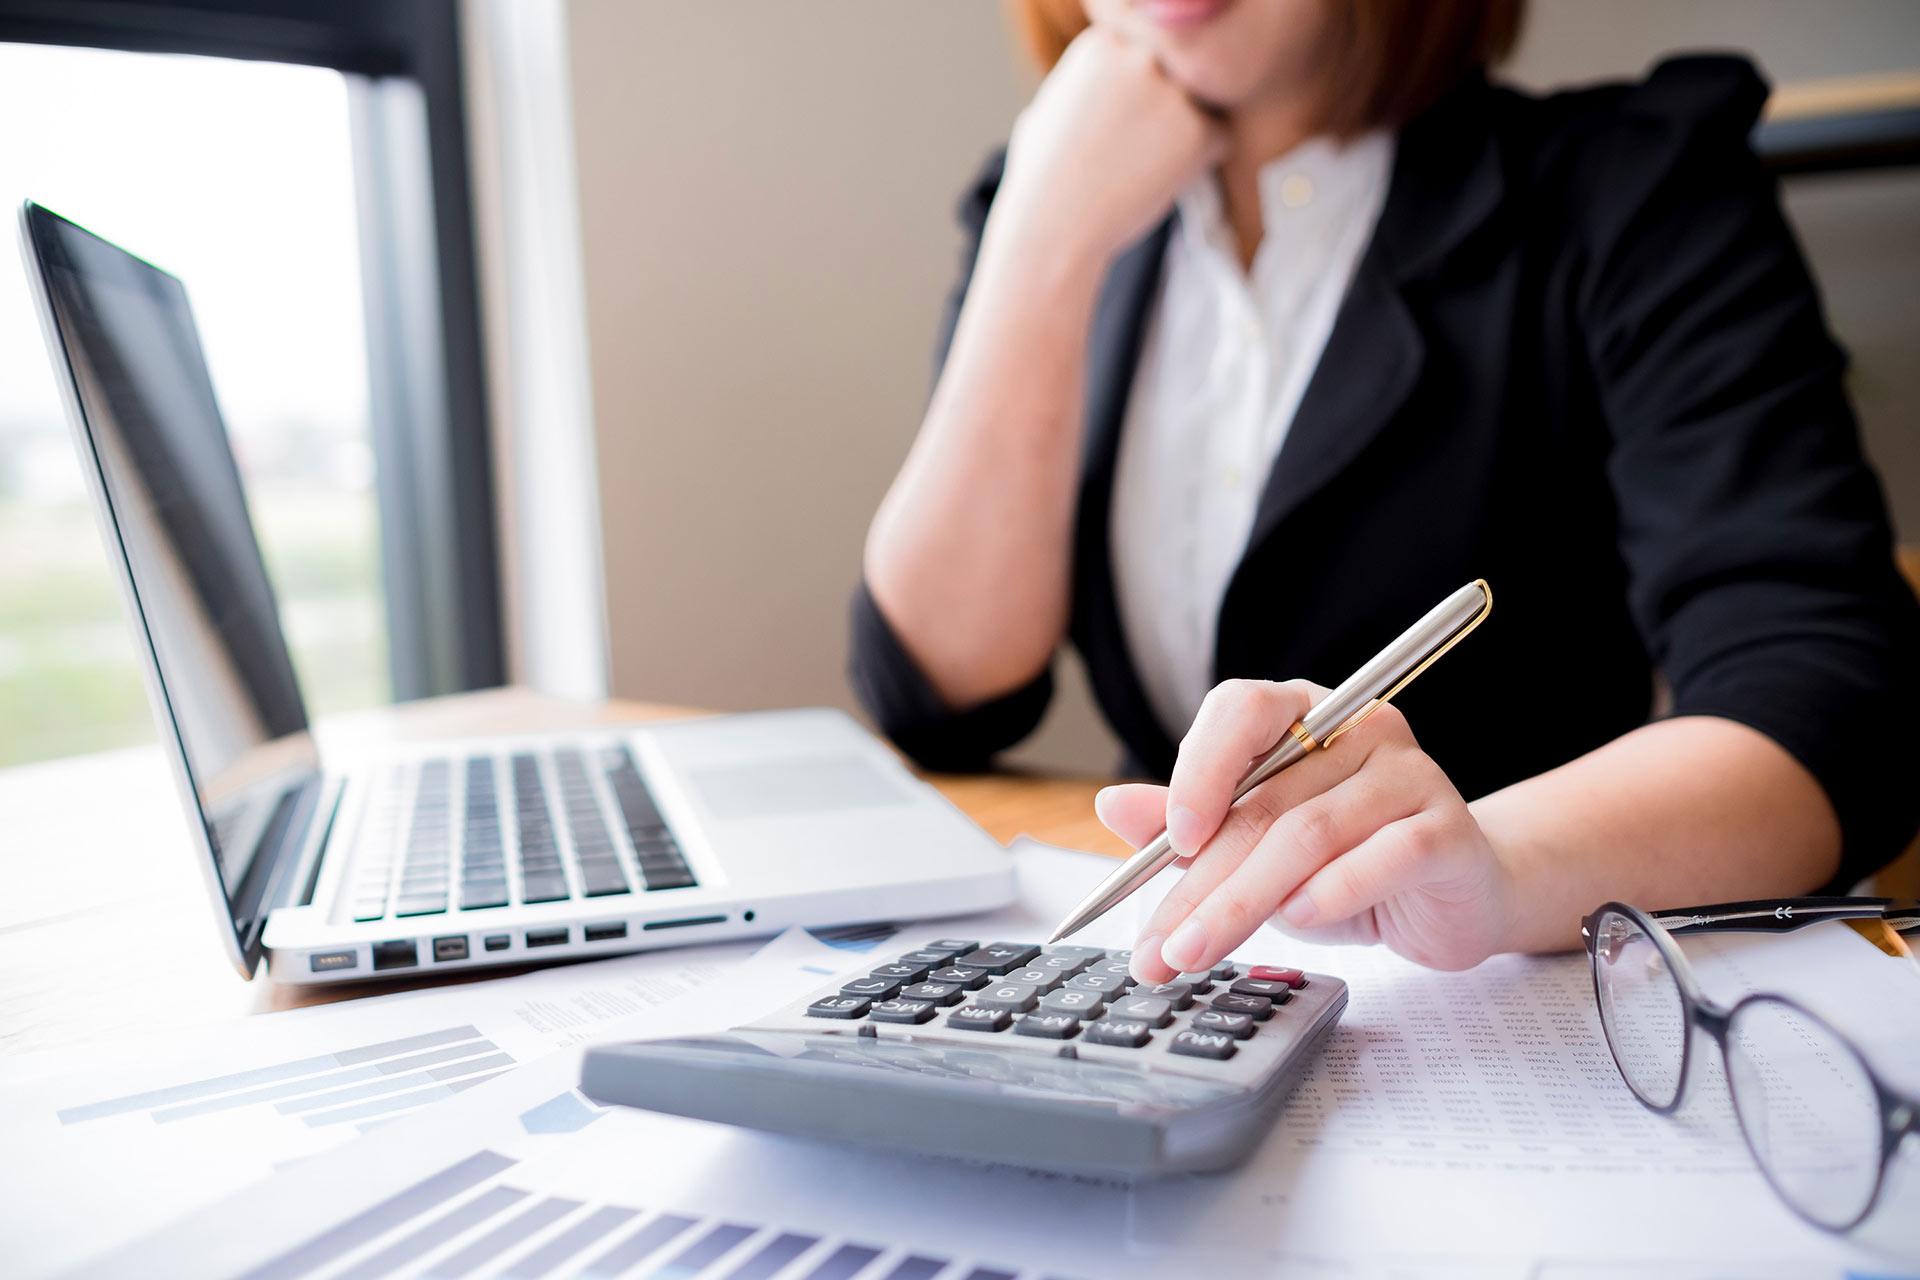 Чем хорош бухгалтерский аутсорсинг, и каковы его недостатки